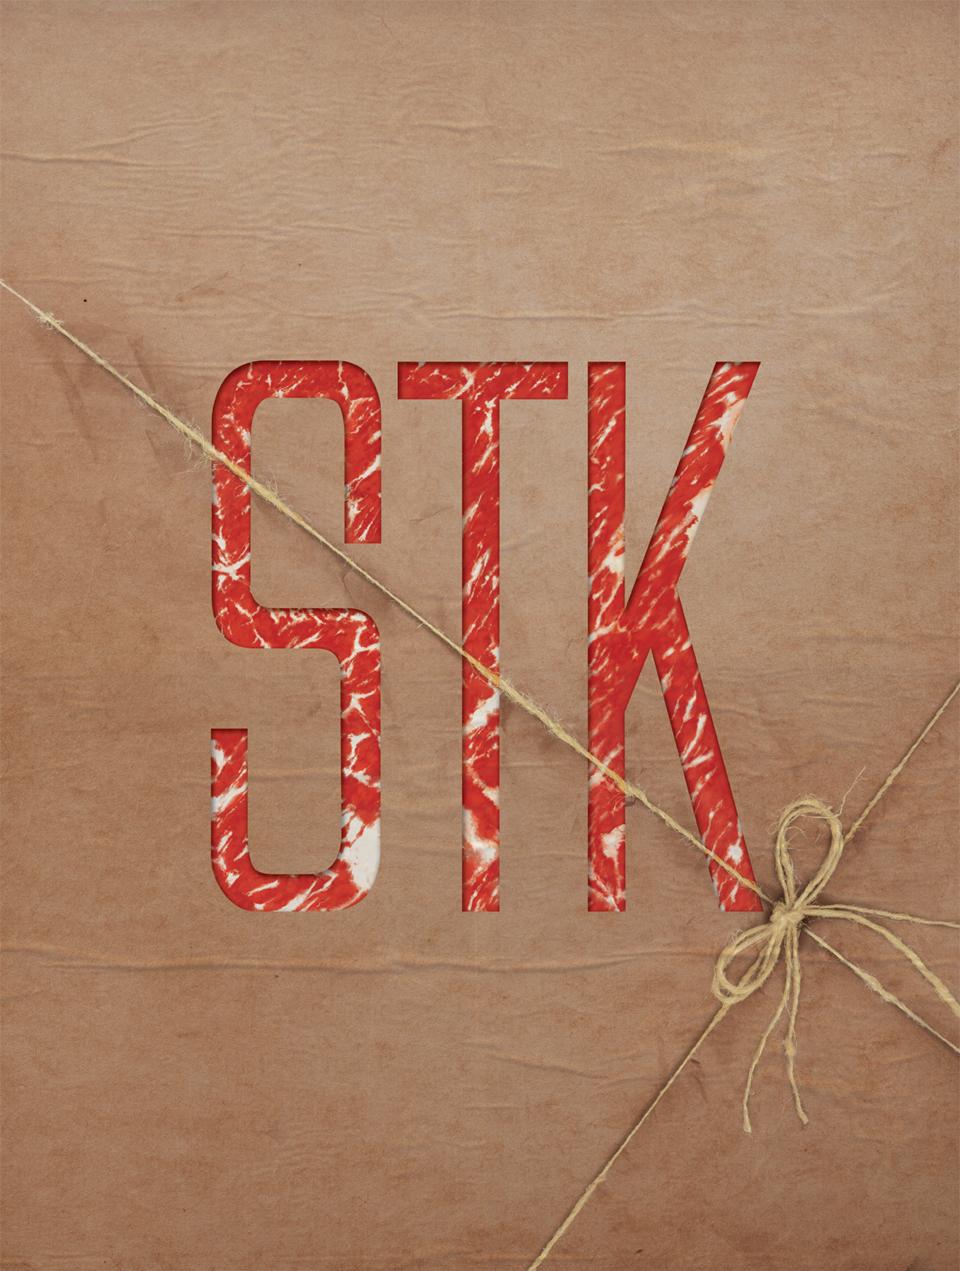 STK_03.jpg